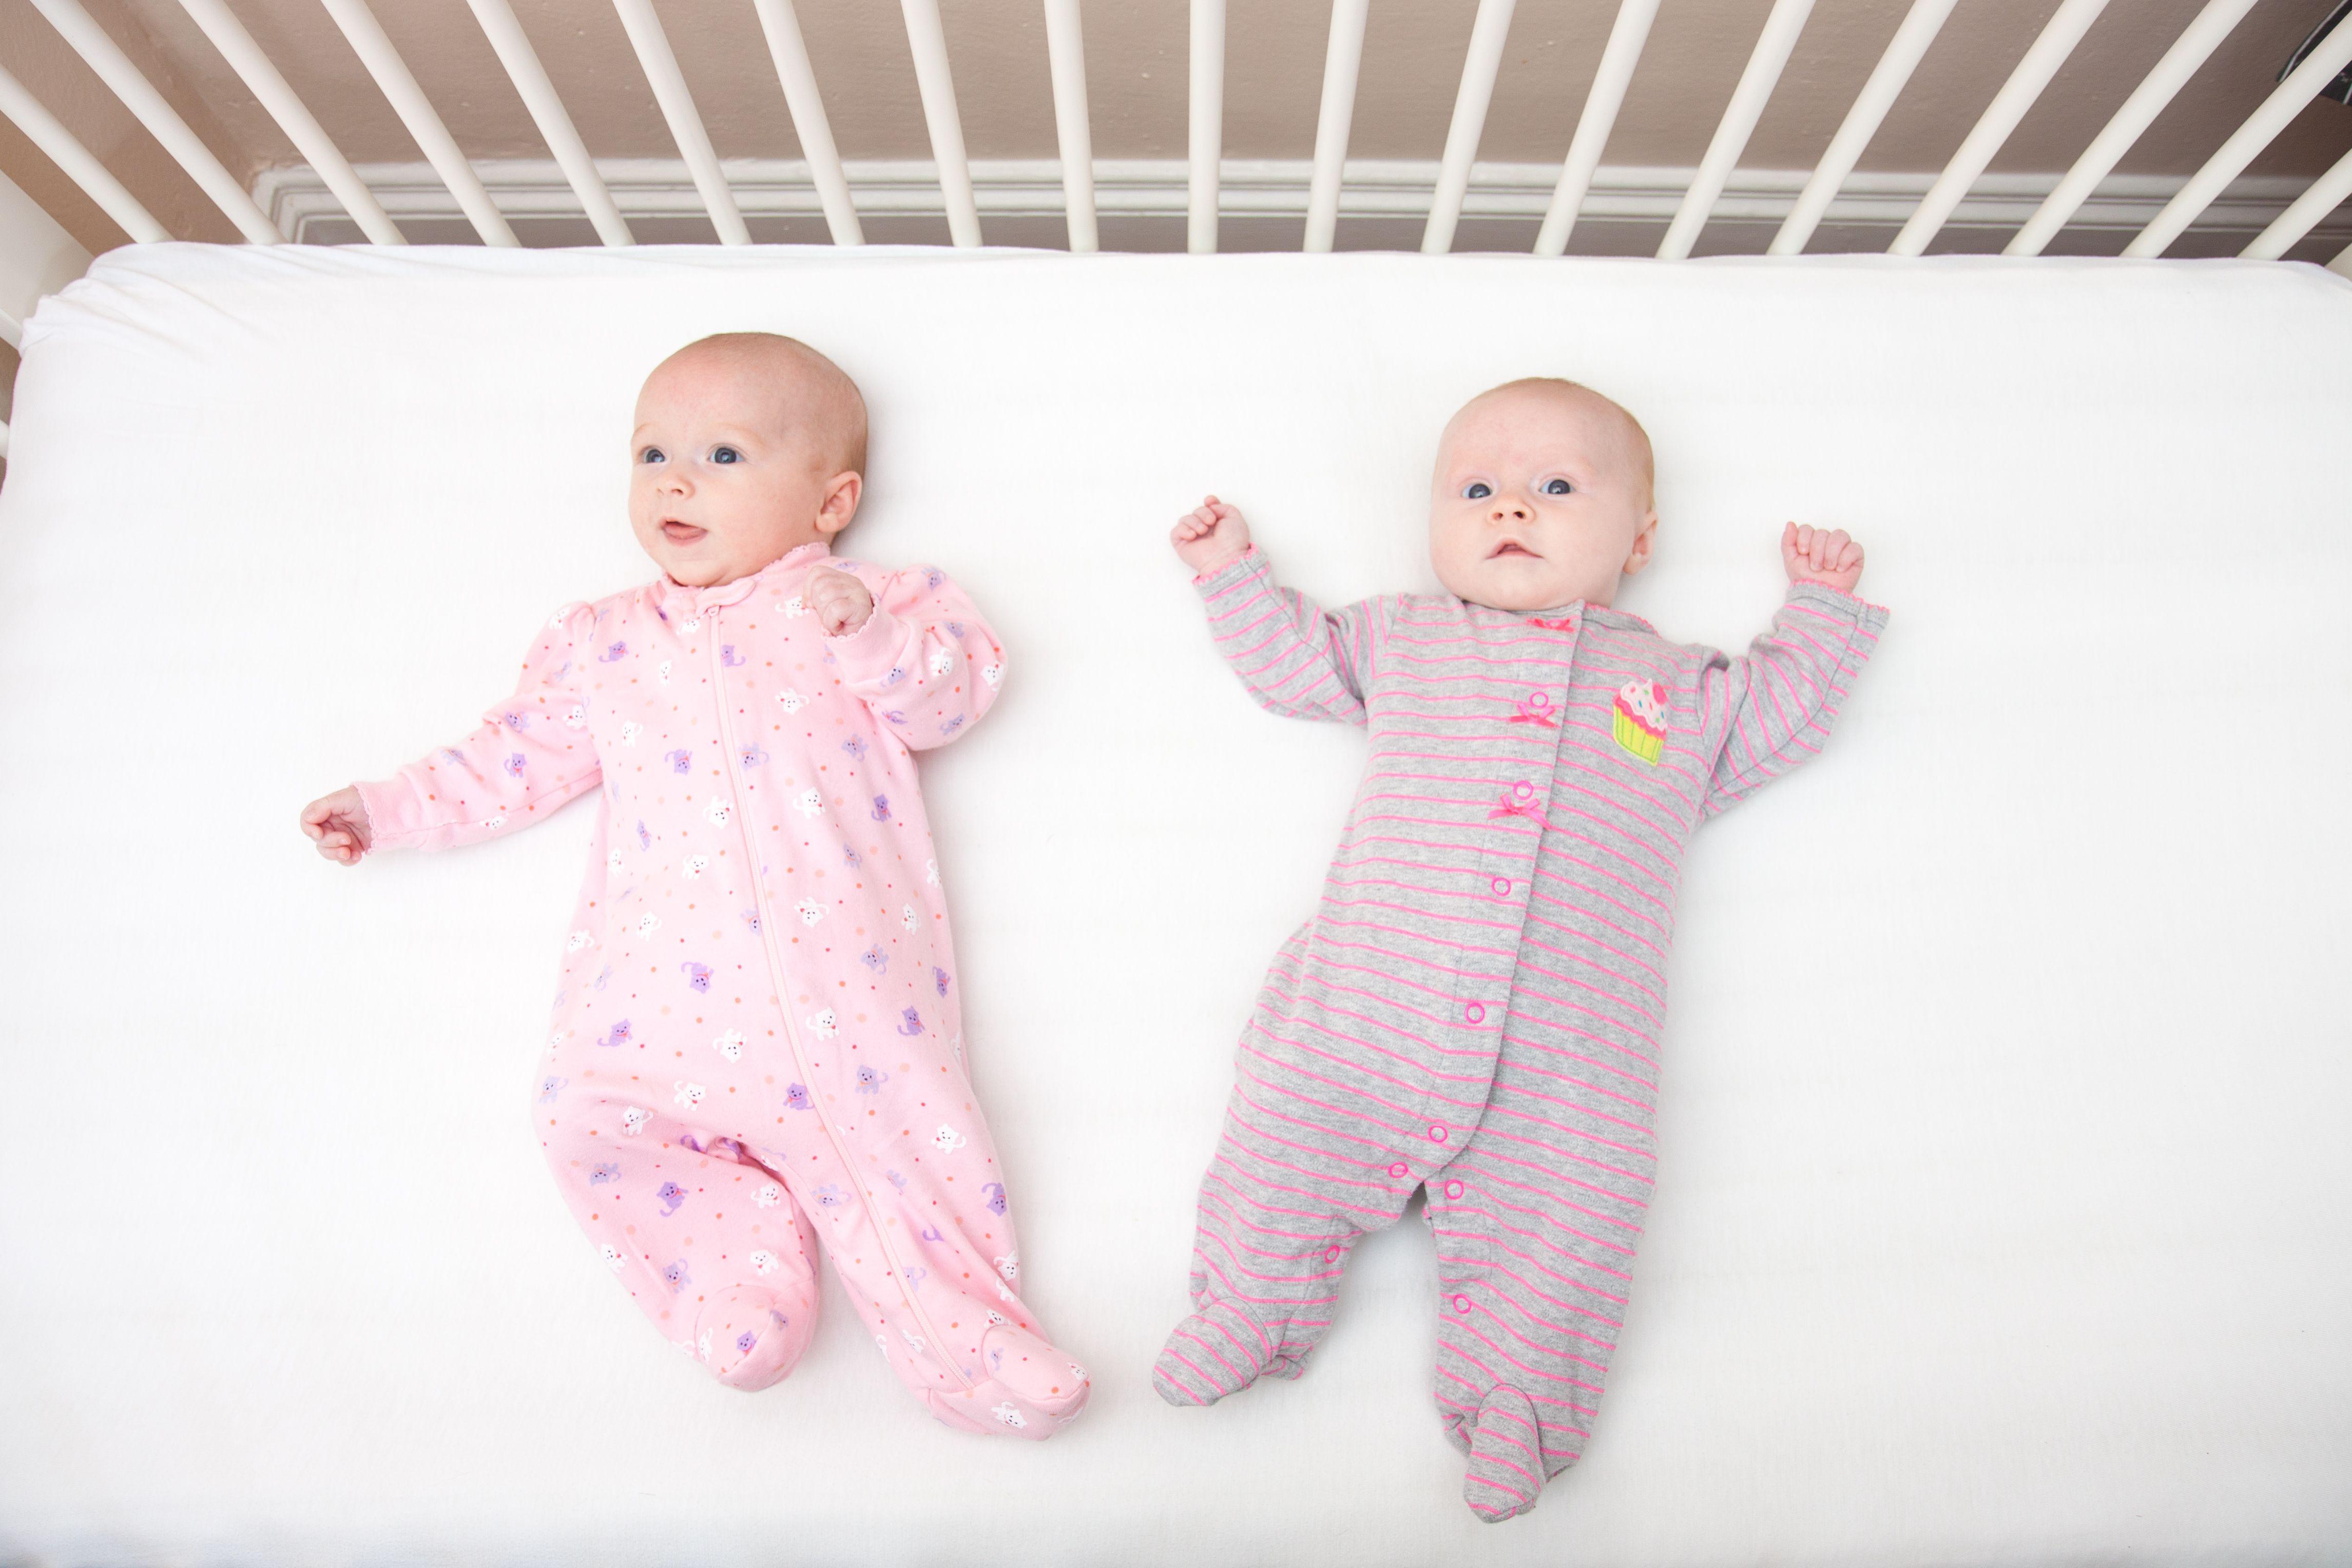 Twins enjoying their crib